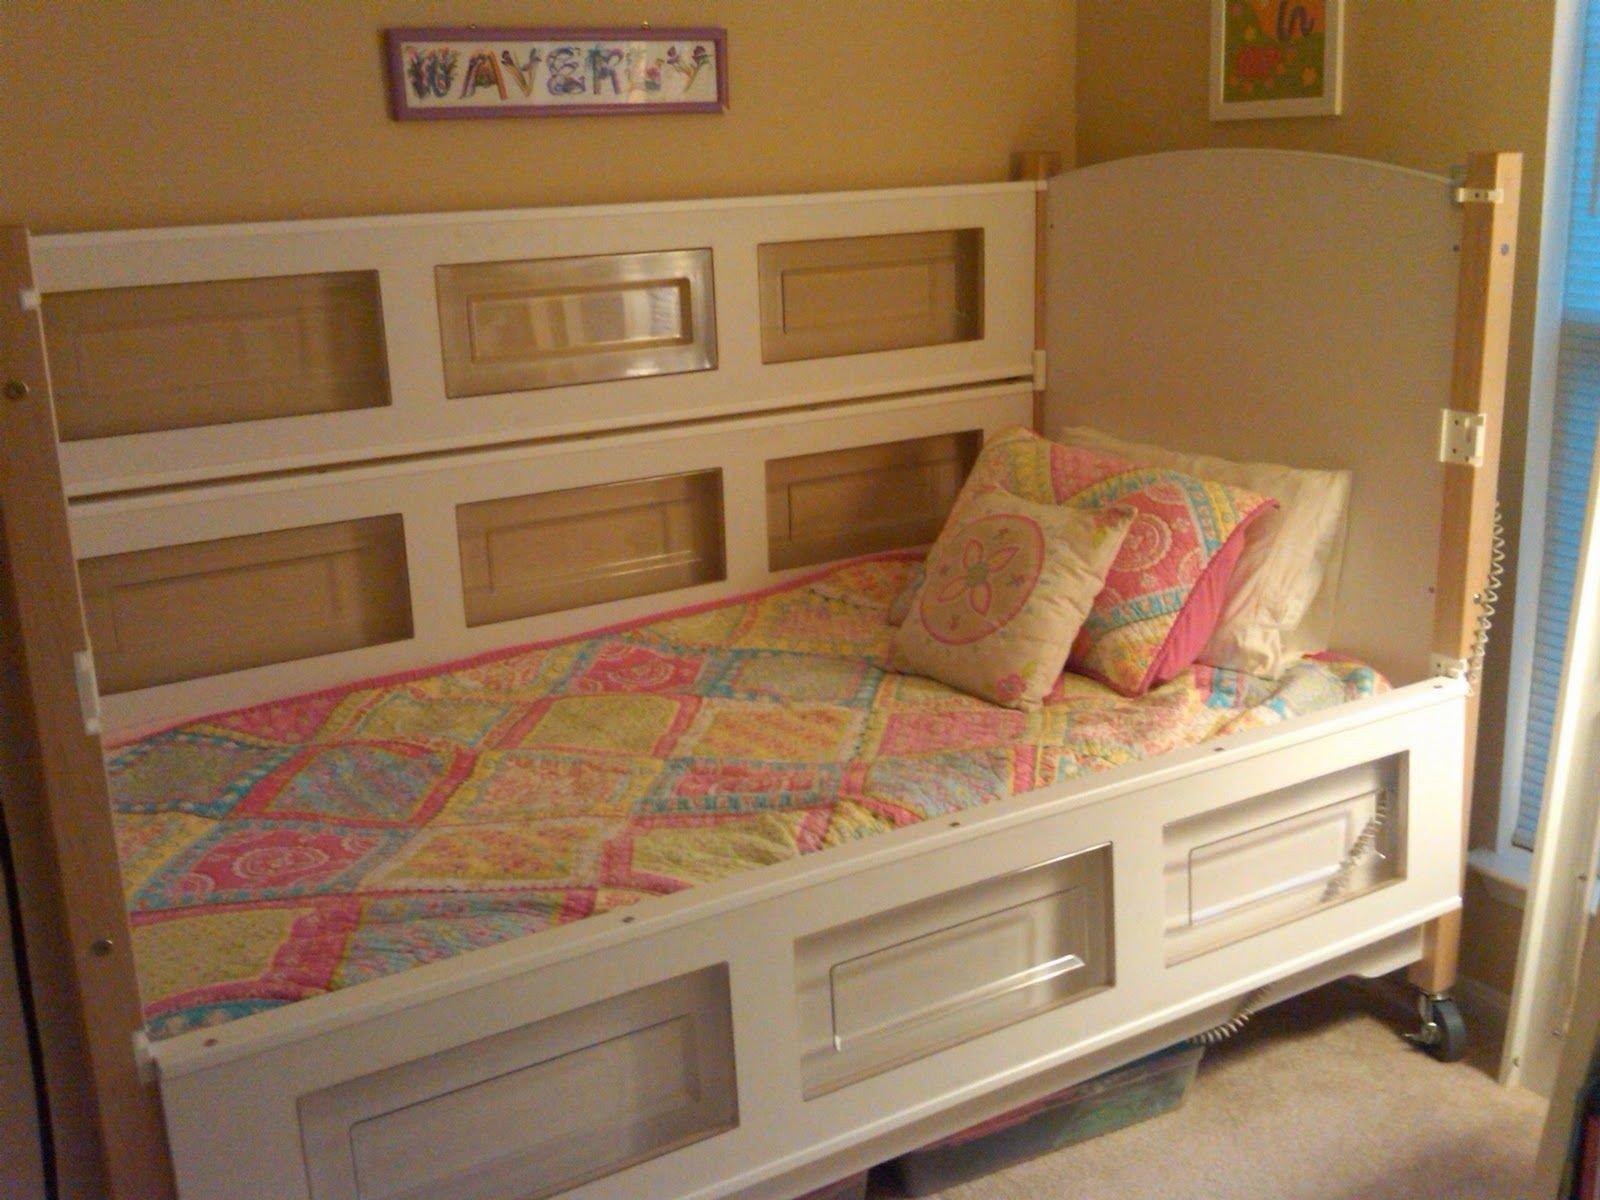 Toddler Bedroom Furniture Set New Kids Room Furniture 17 Hottest Enclosed Beds for Special